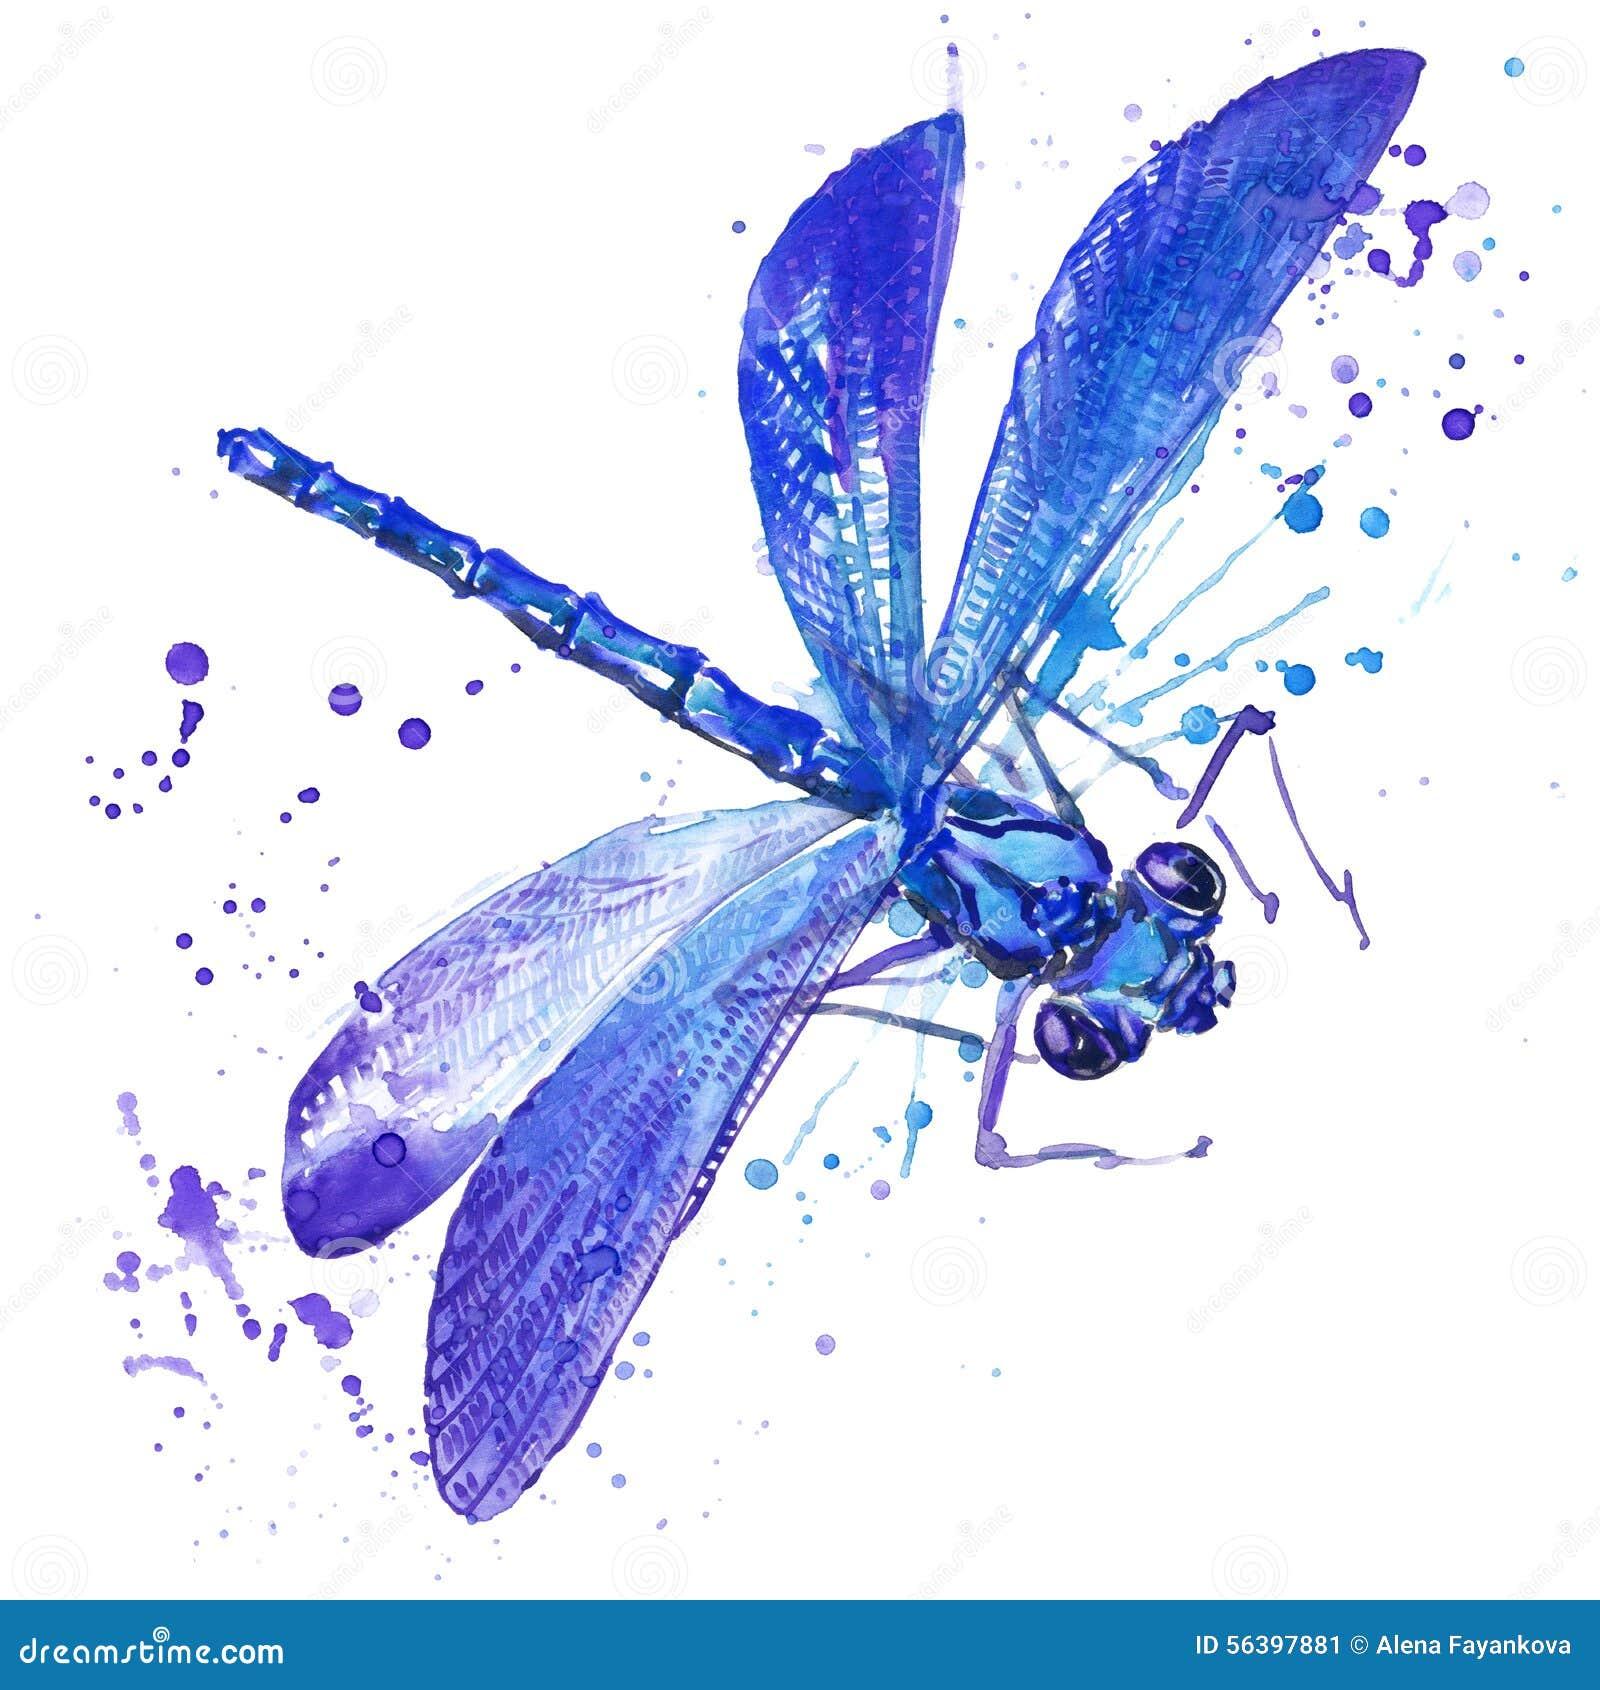 Графики футболки насекомого Dragonfly иллюстрация dragonfly с предпосылкой выплеска текстурированной акварелью необыкновенное wat